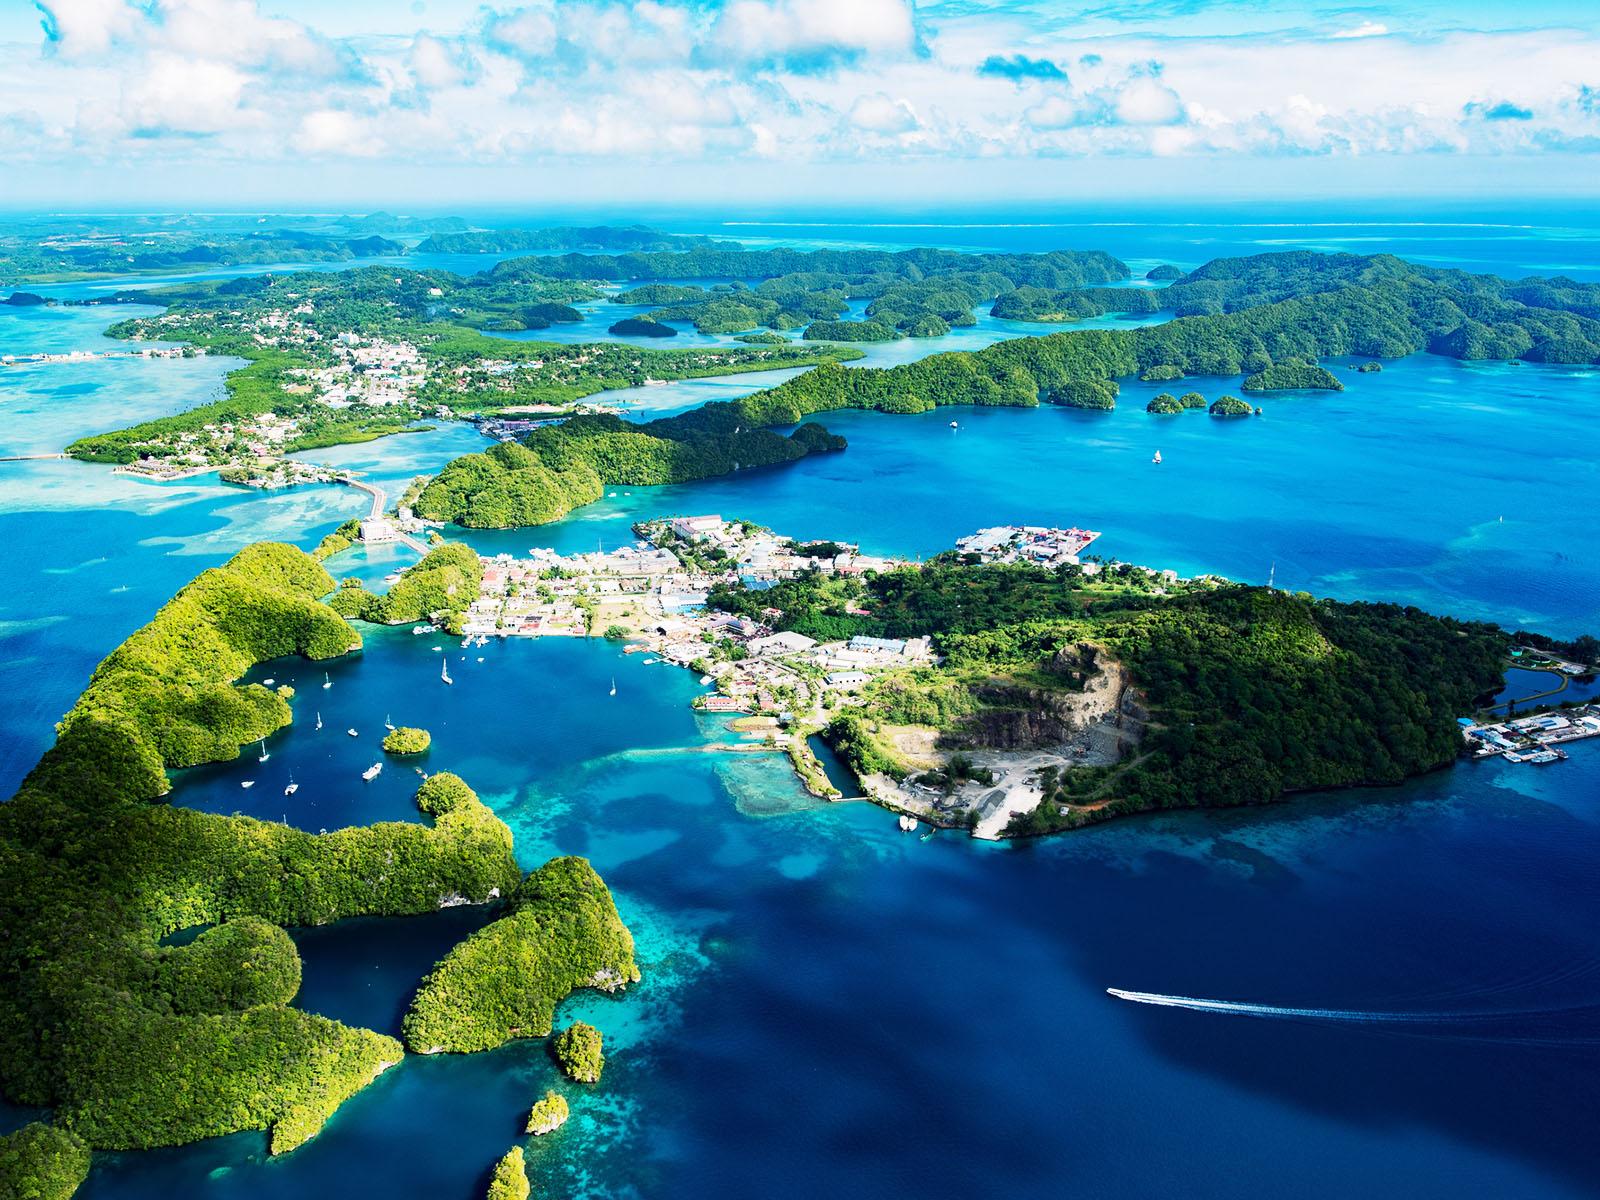 マラカル島の観光ガイド|パラオ中心地の人気スポット・レストラン・ホテル情報